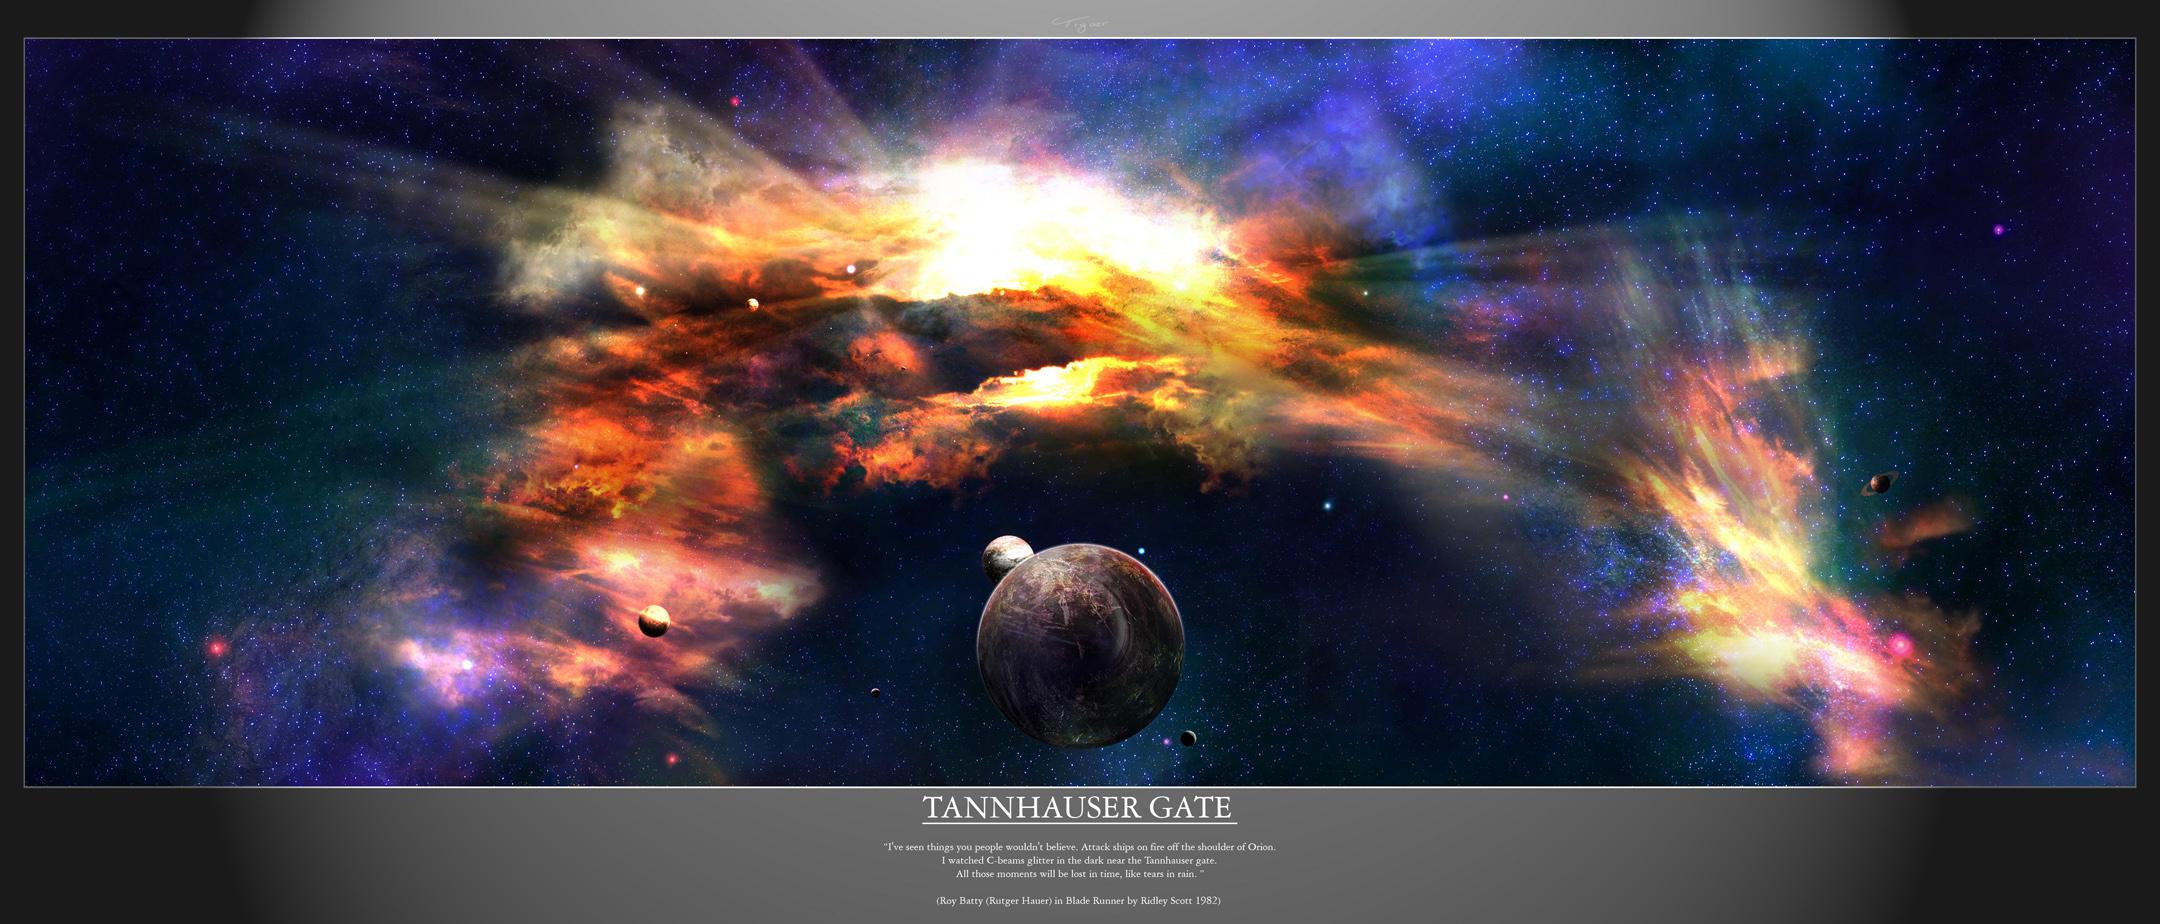 SD - Tannhauser Gate by tigaer